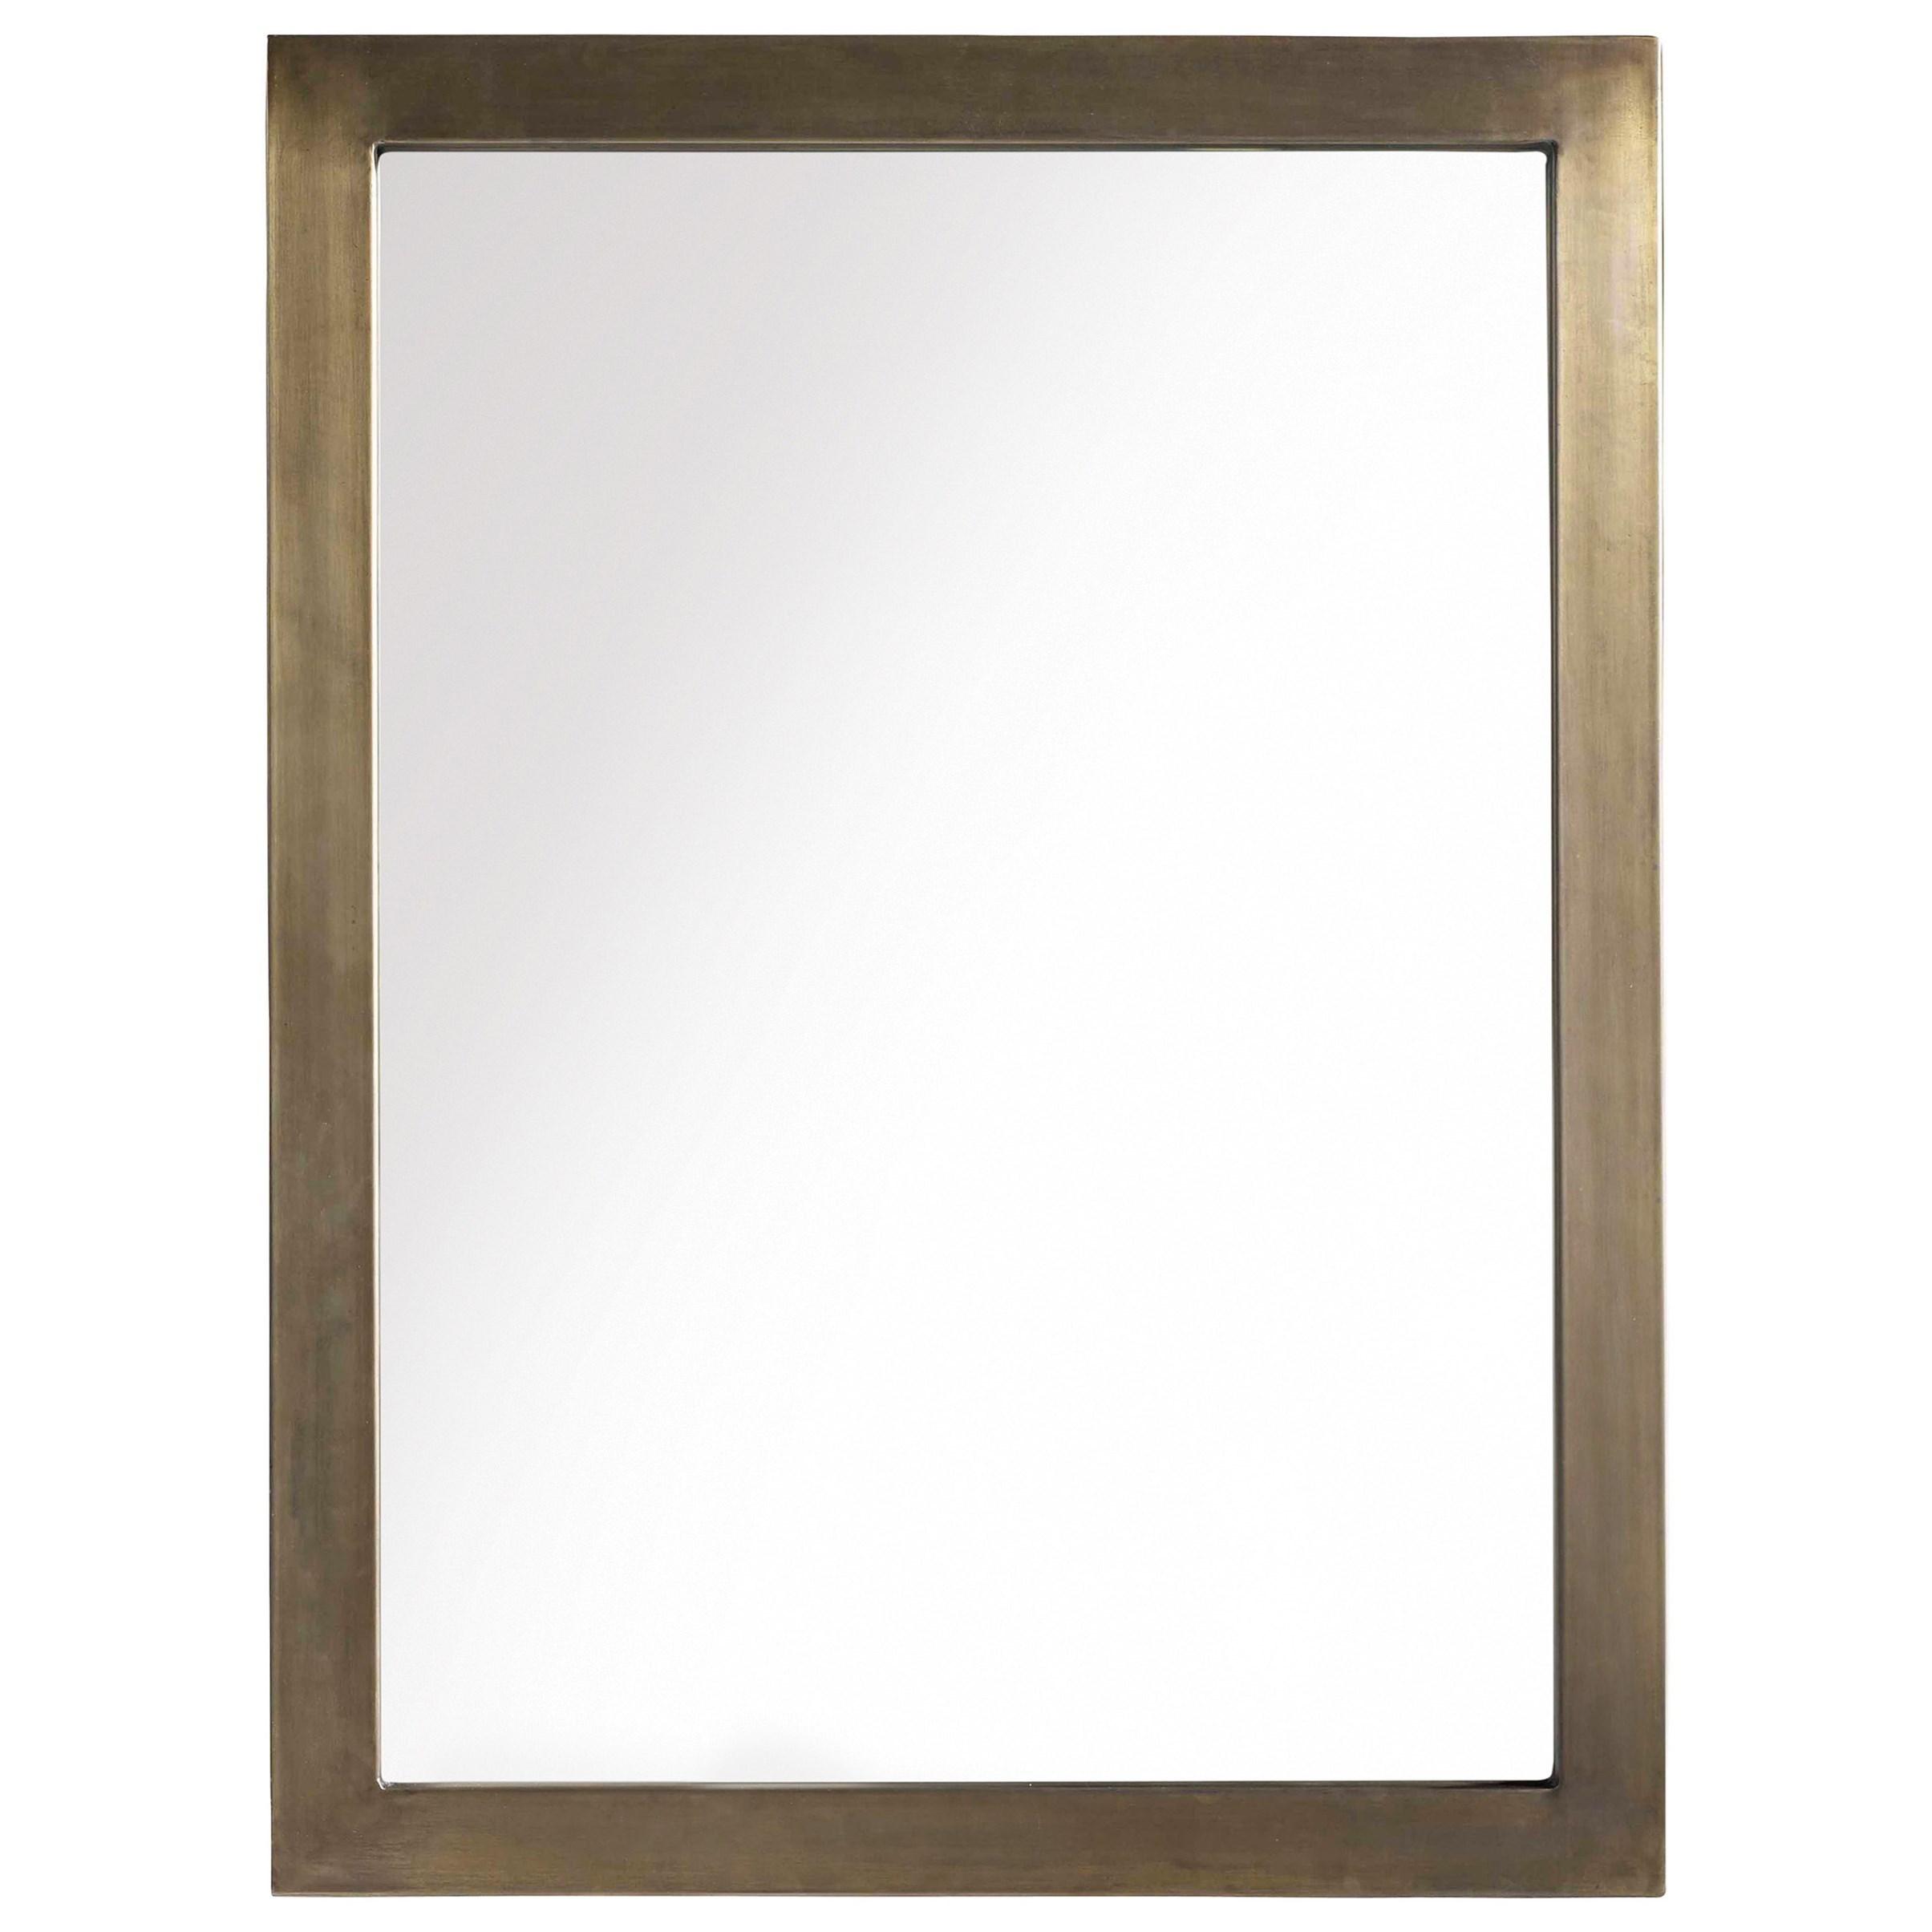 Hooker Furniture Transcend Mirror with Metal Frame - Item Number: 7000-90009